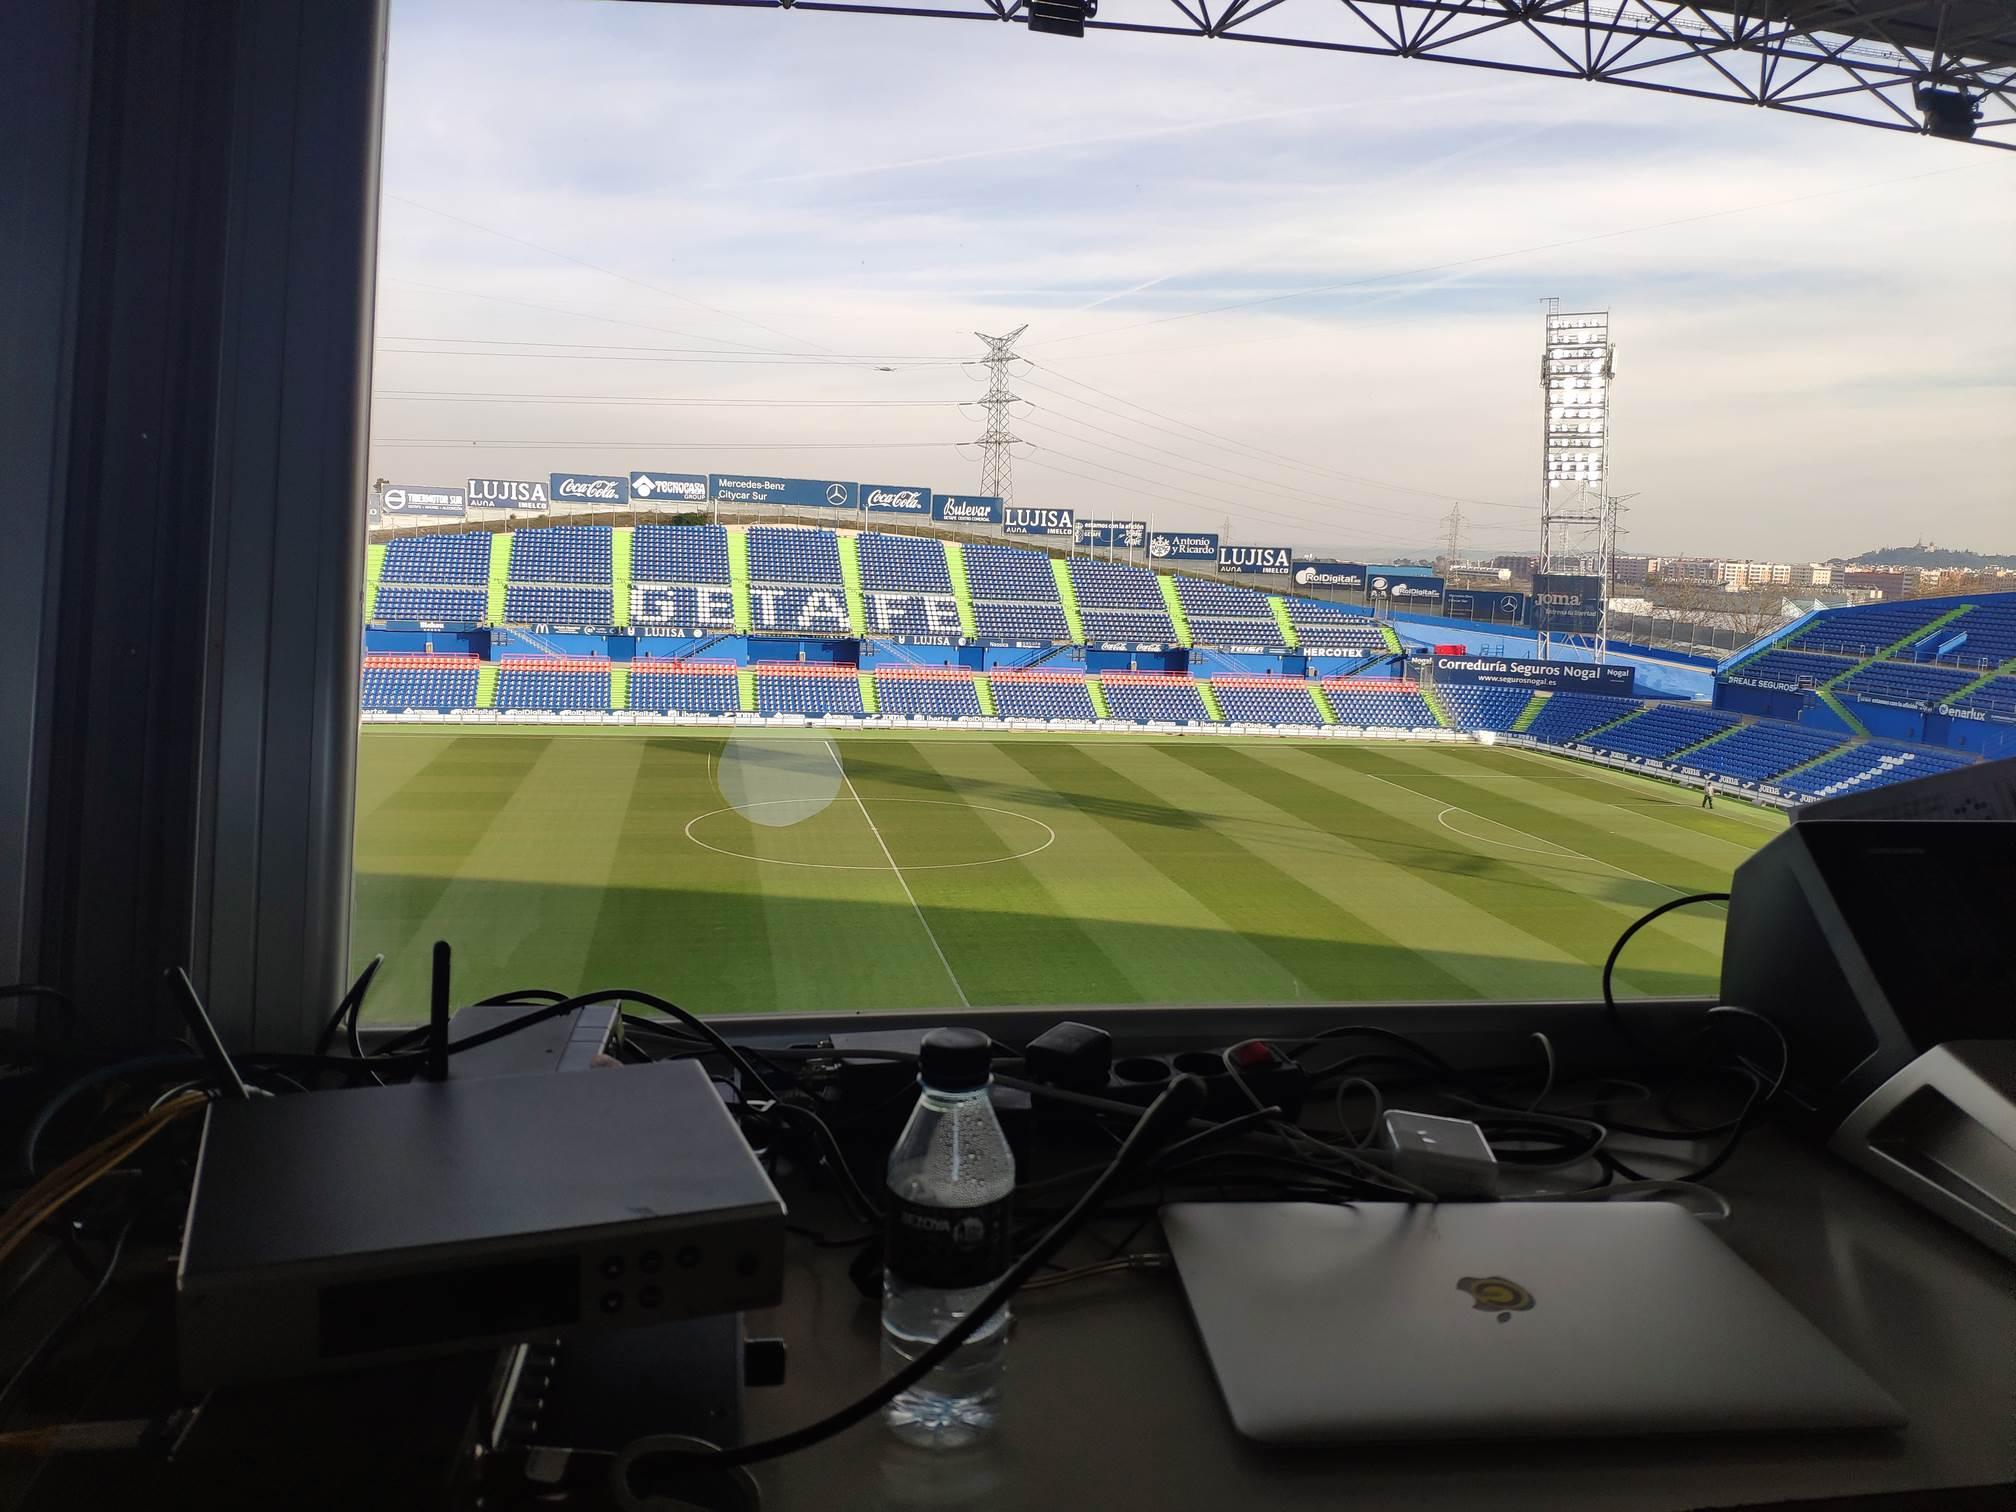 Coliseum Alfonso Pérez (Getafe CF), Getafe (Madrid)